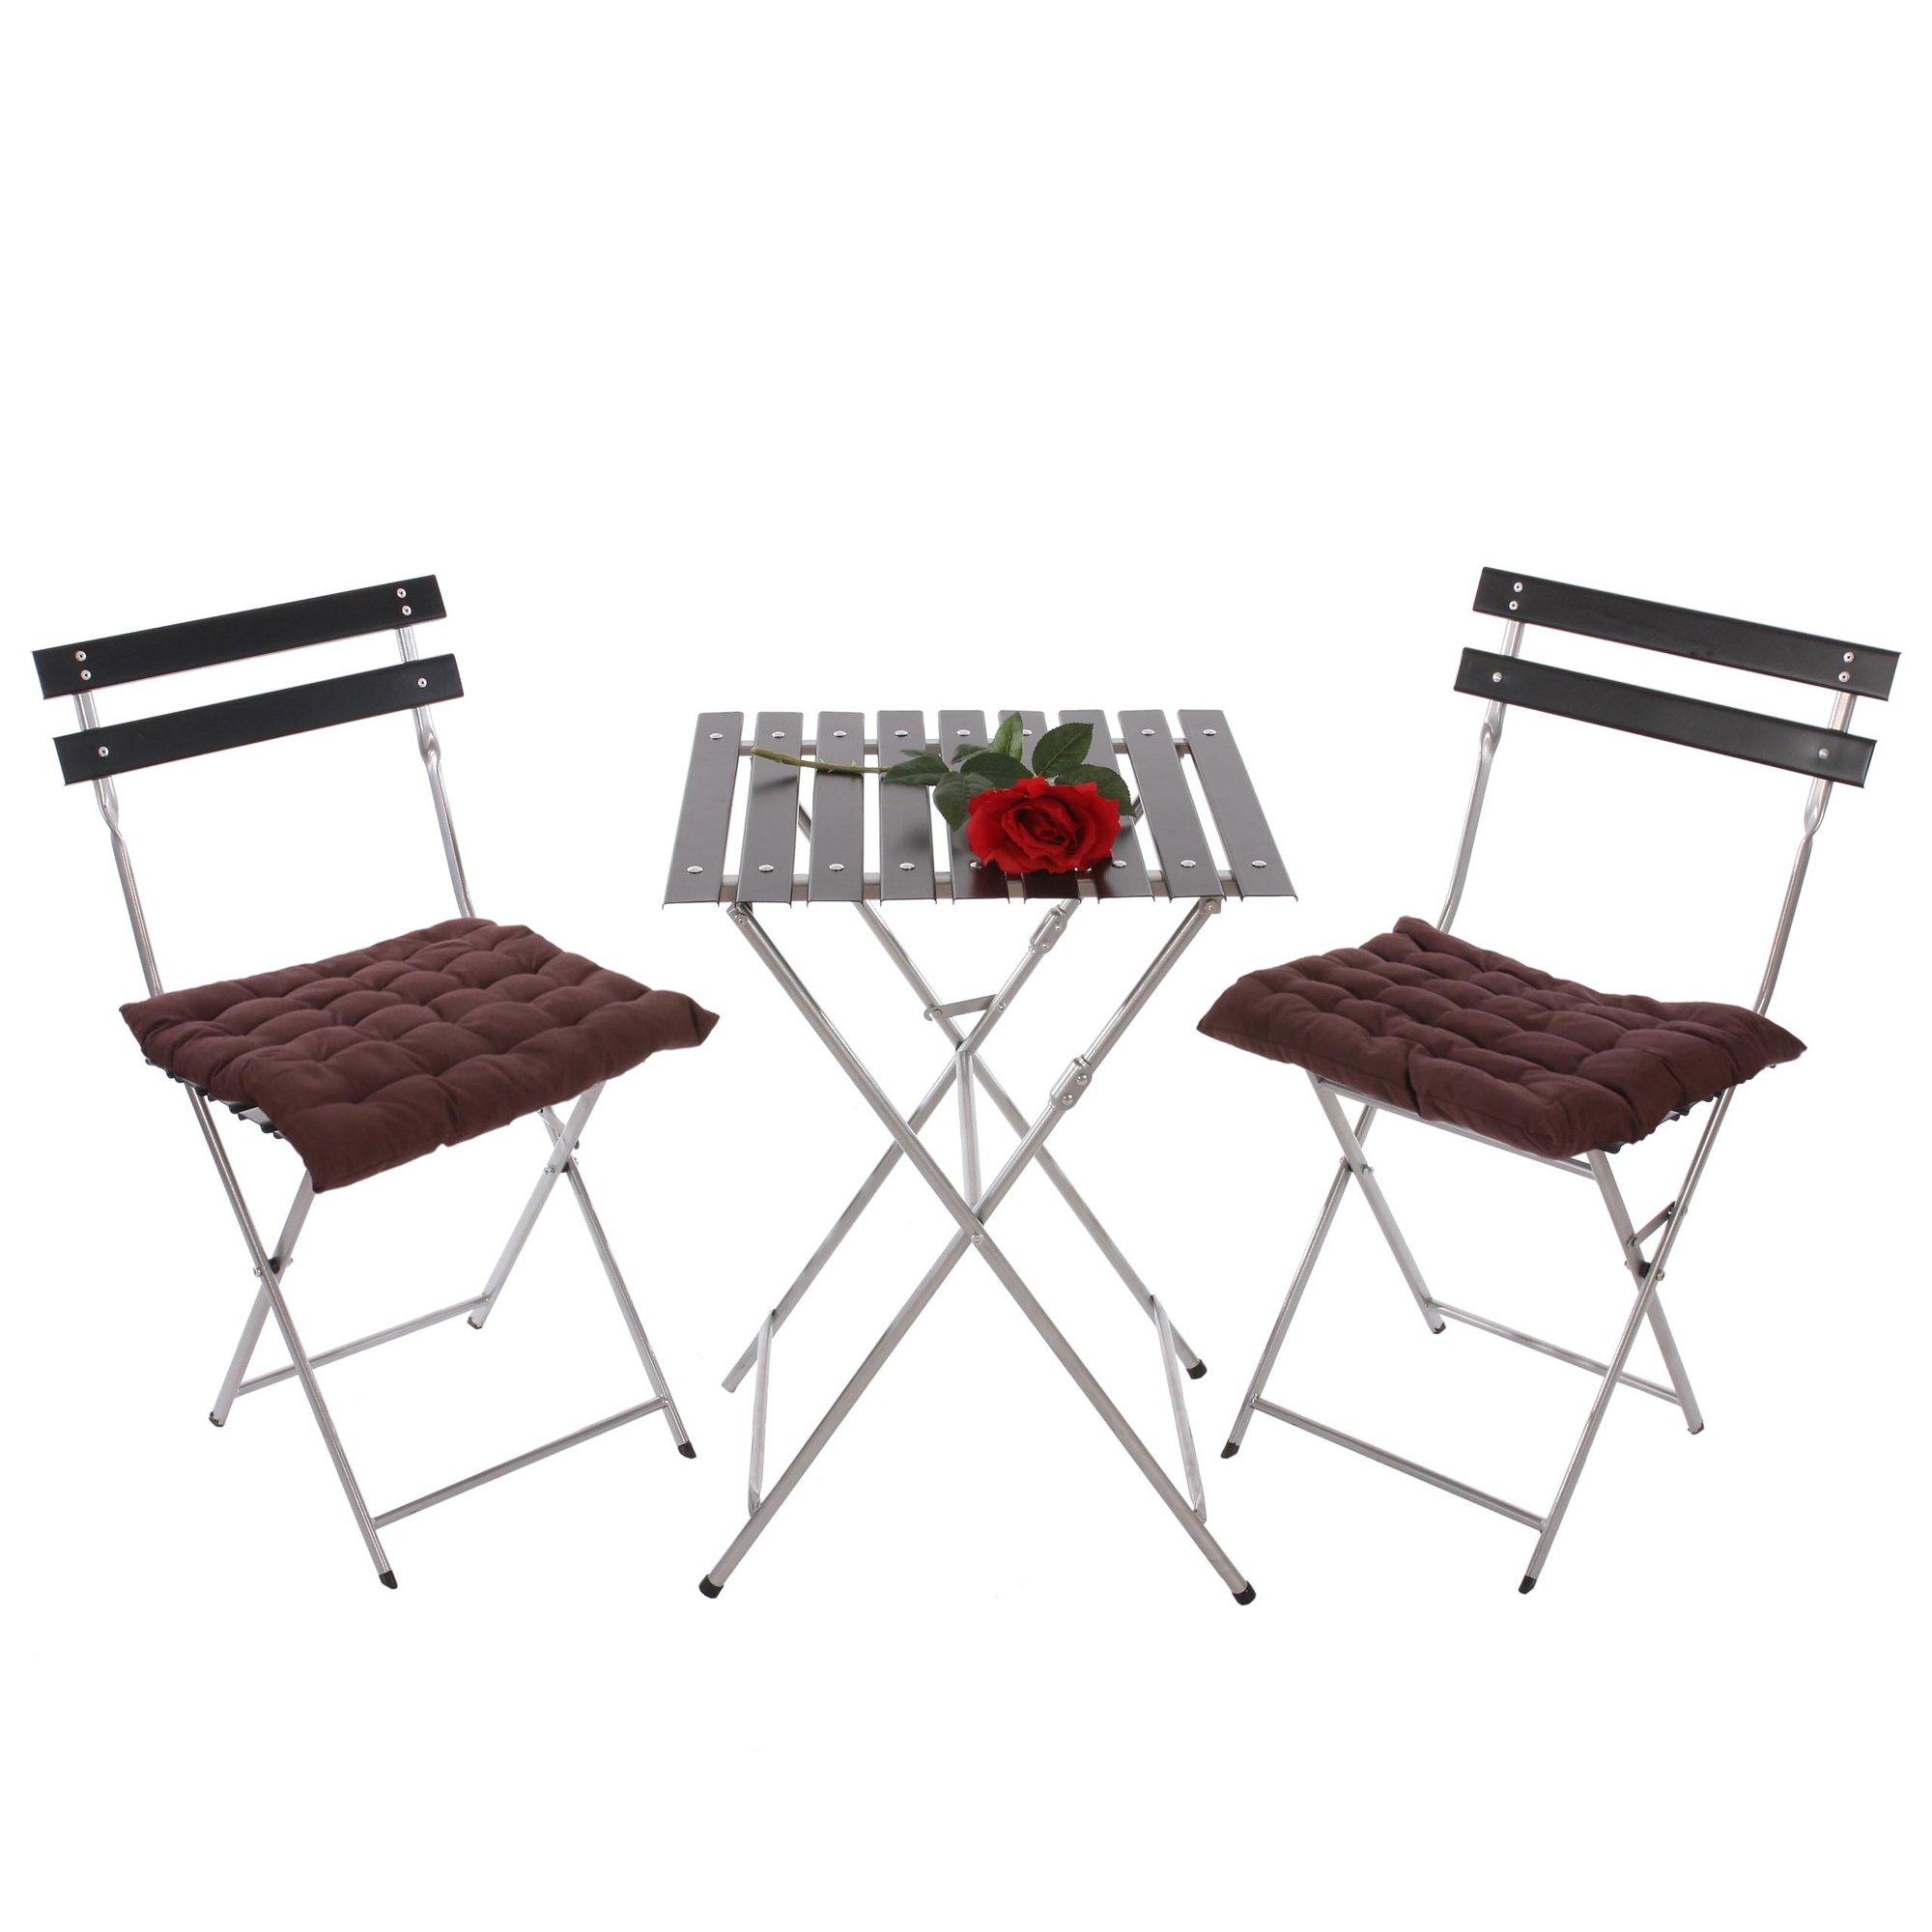 Conjunto de 2 sillas mesa para terraza o jard n en metal for Mesa 3 en 1 con 2 sillas